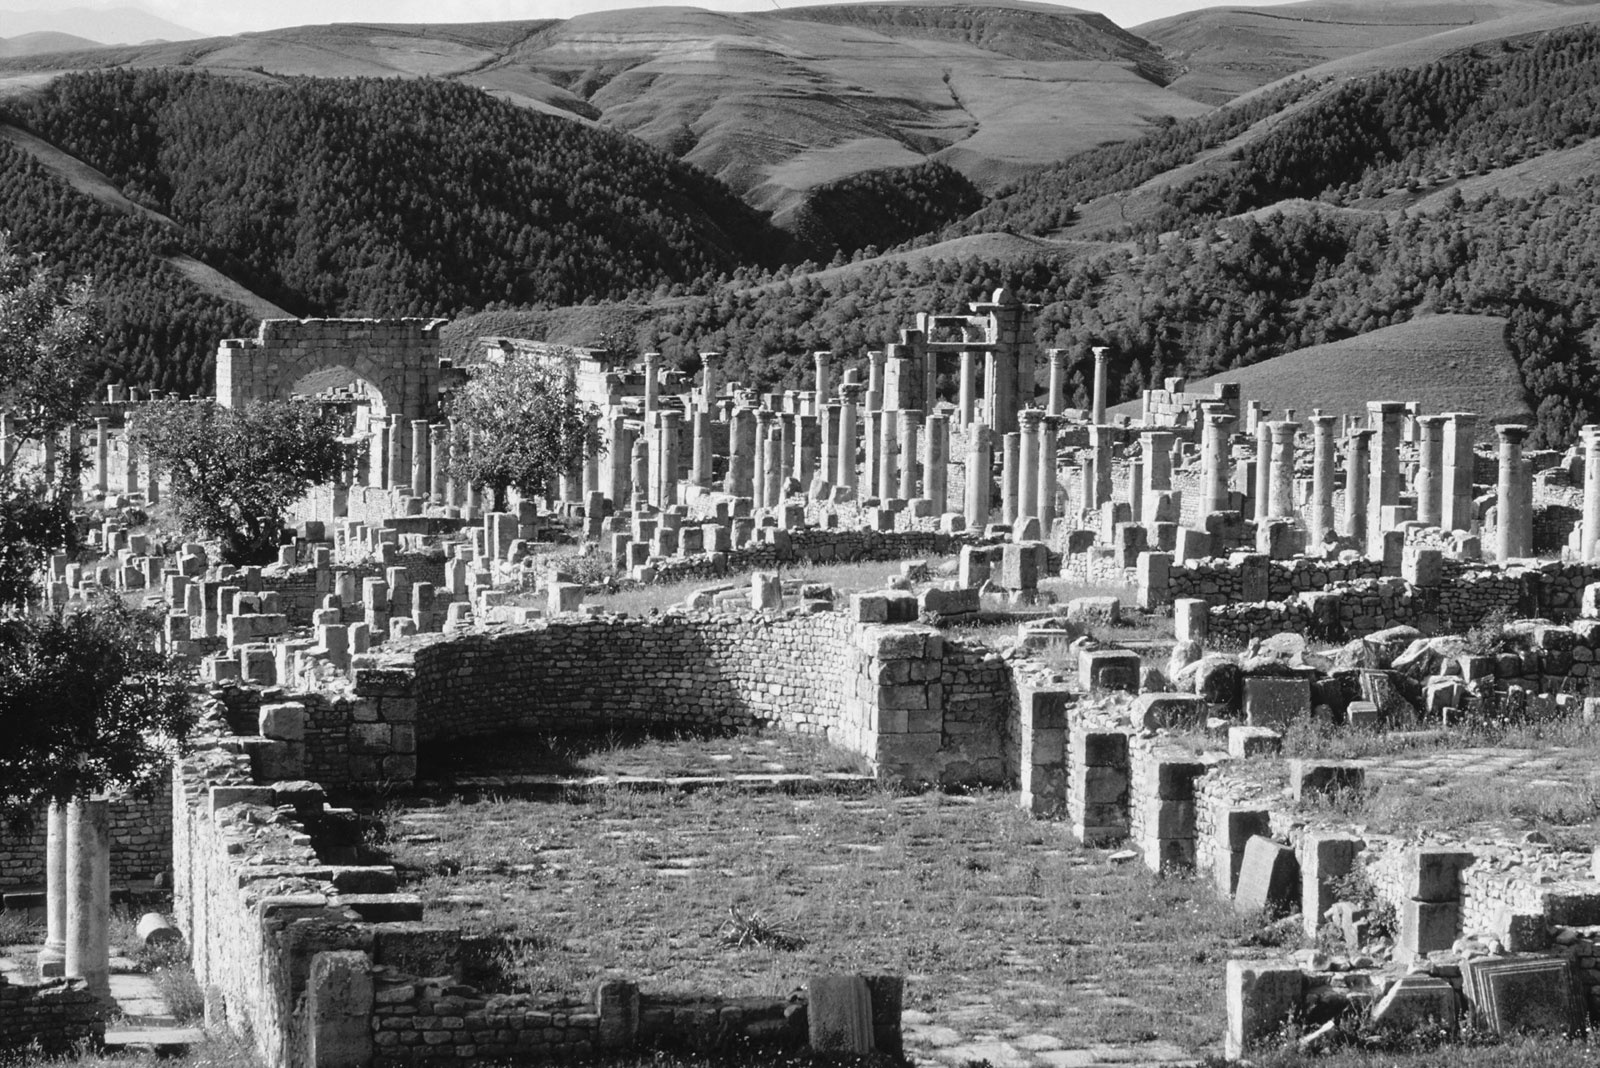 El novelista, ensayista, dramaturgo y filósofo francés Albert Camus, nacido en Argelia, escribió dos ensayos sobre Tipasa; Bodas en Tipasa y Retorno a Tipasa. Fundada por los fenicios, el emperador Claudio la convirtió en una colonia y fue una de las ciudades más importantes del Imperio romano en la actual Argelia.